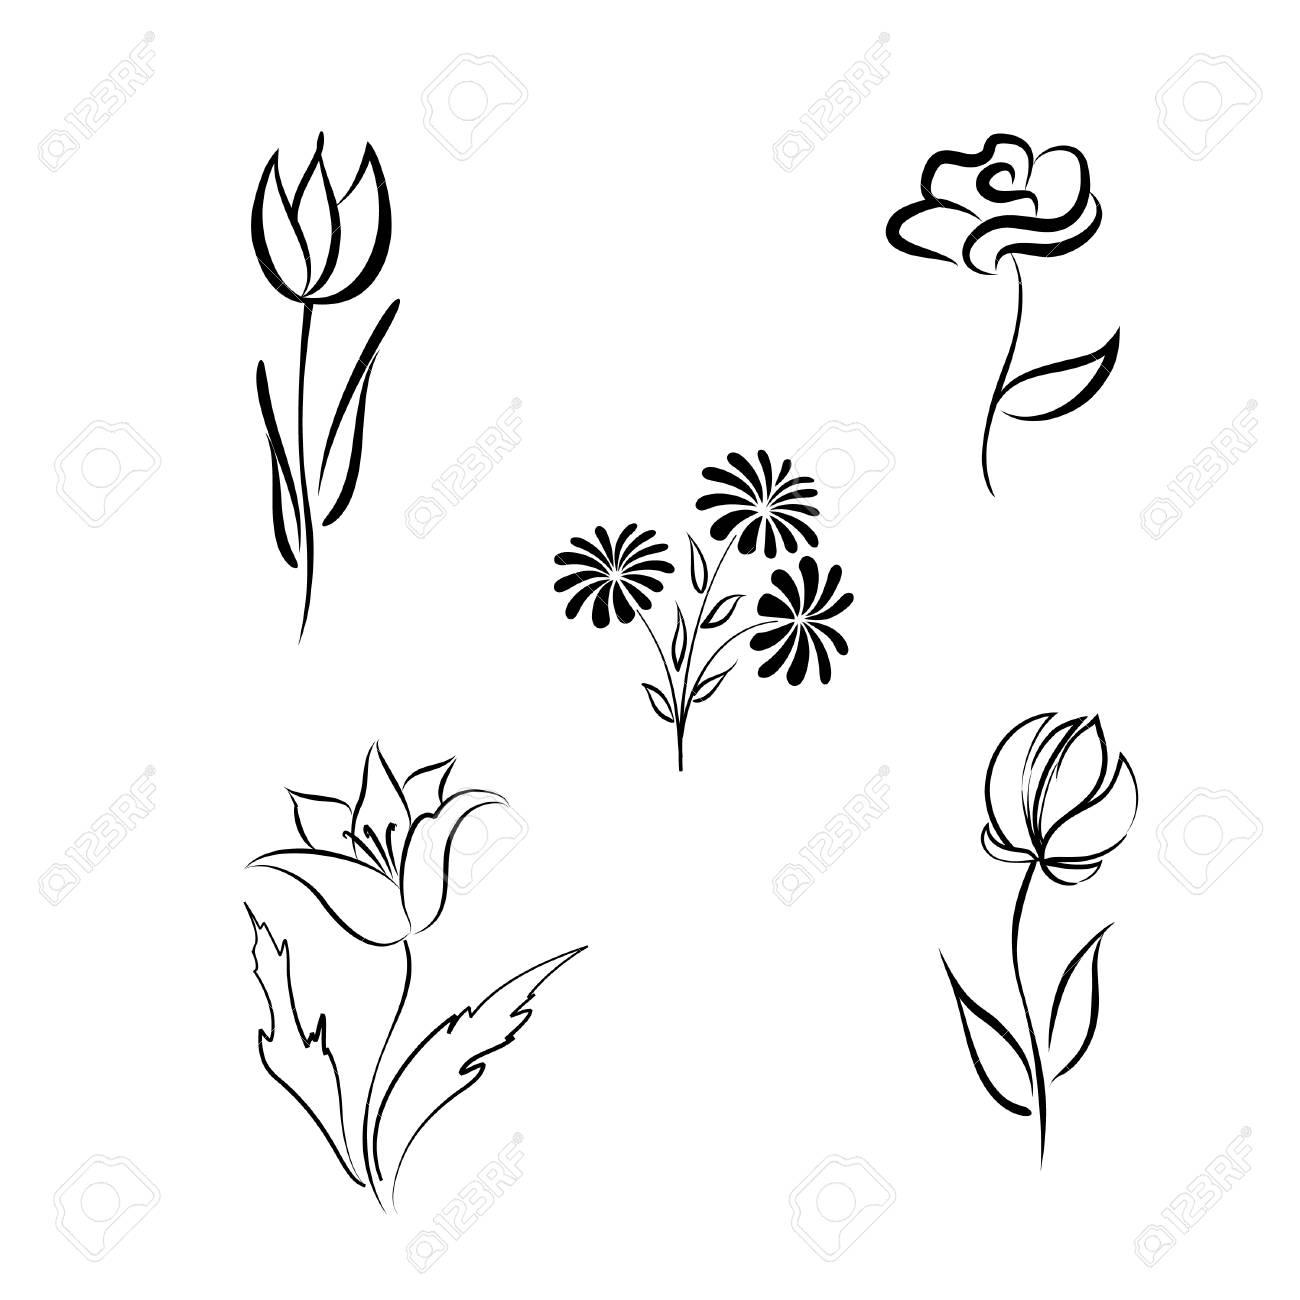 Ensemble De Fleurs Dessin A La Main Grave Elements De Conception